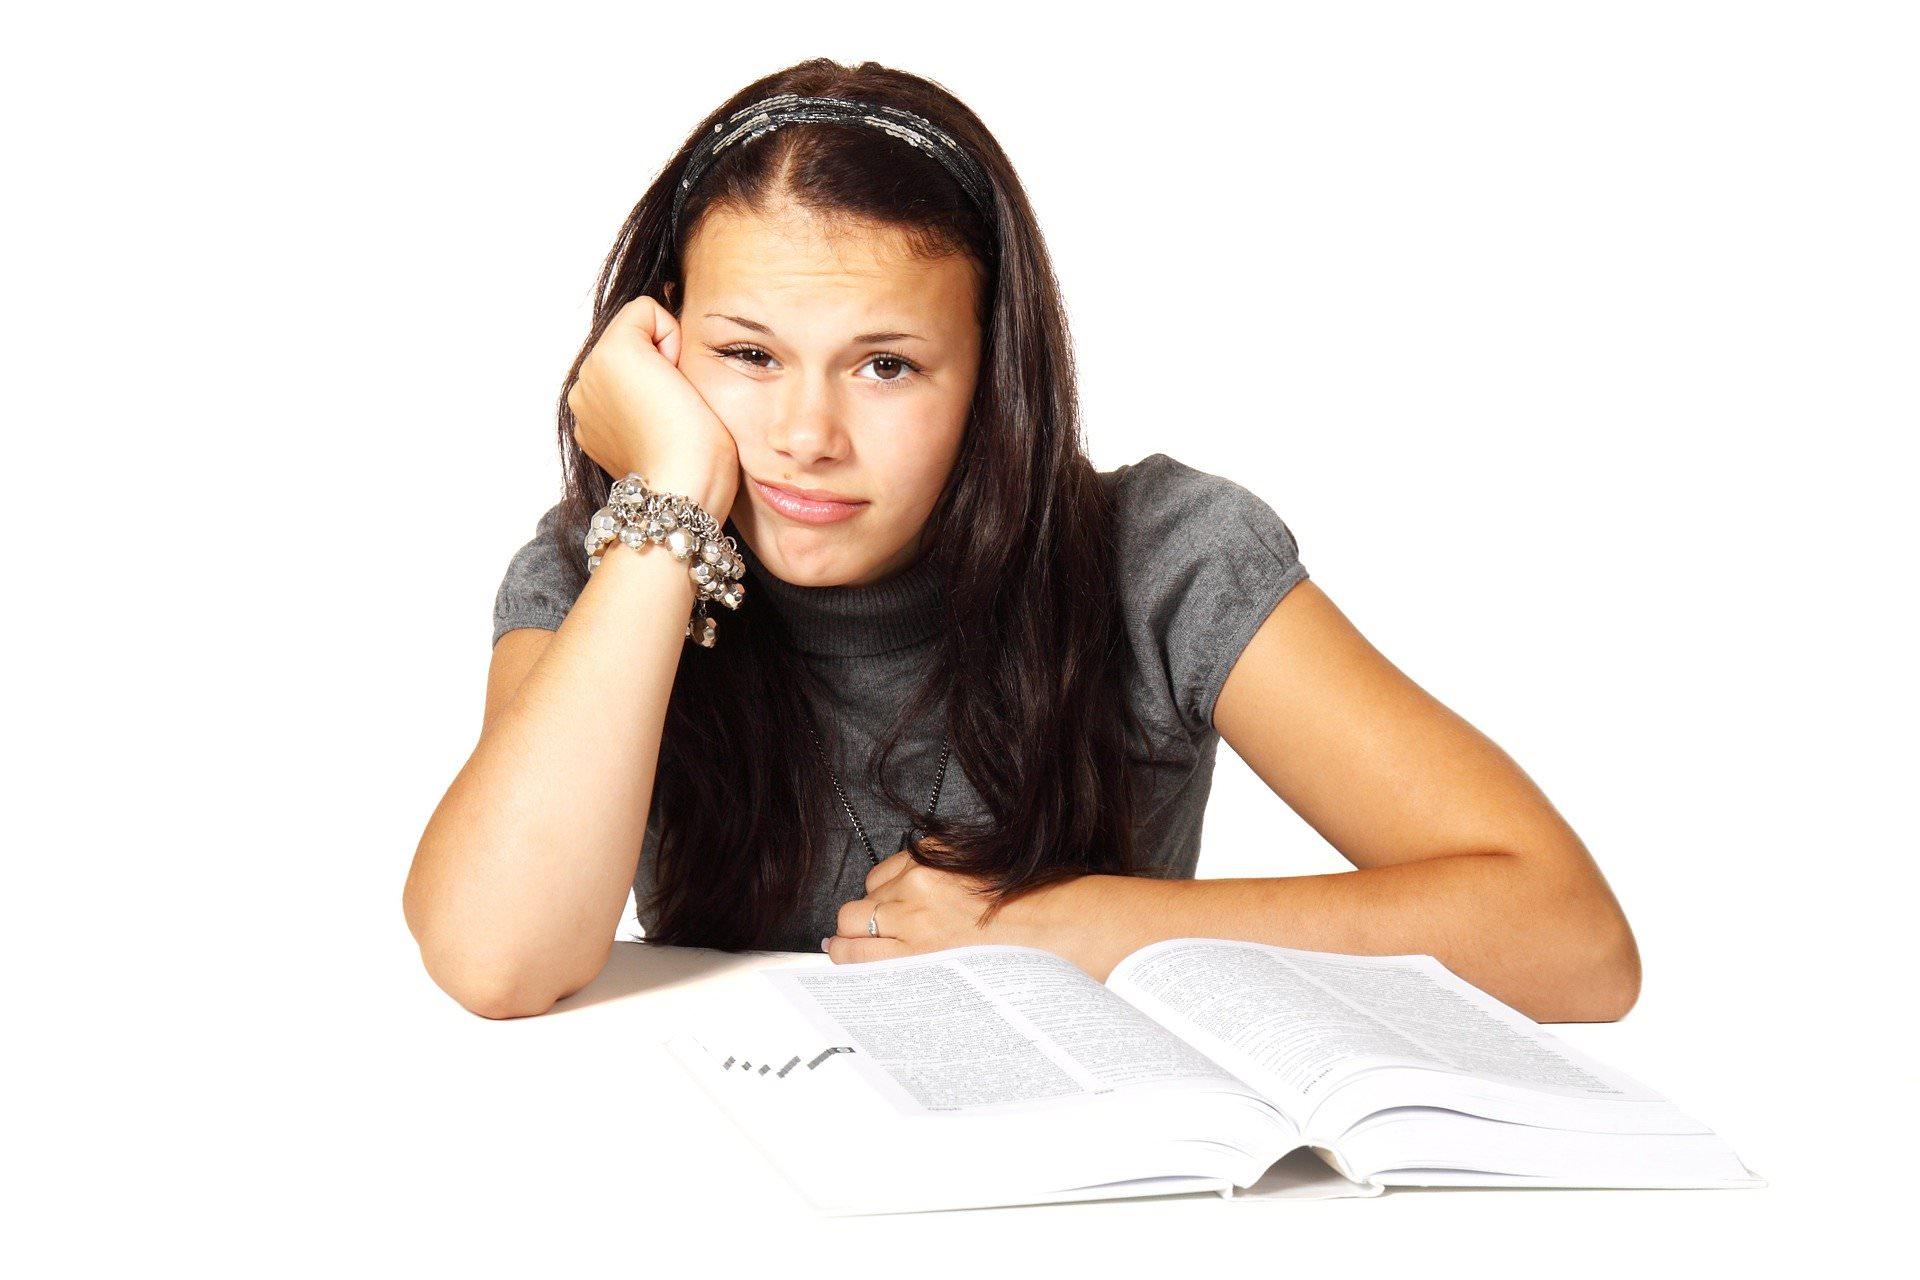 Cosa indossare per l'esame di maturità ? alcuni consigli per la prova scritta e orale